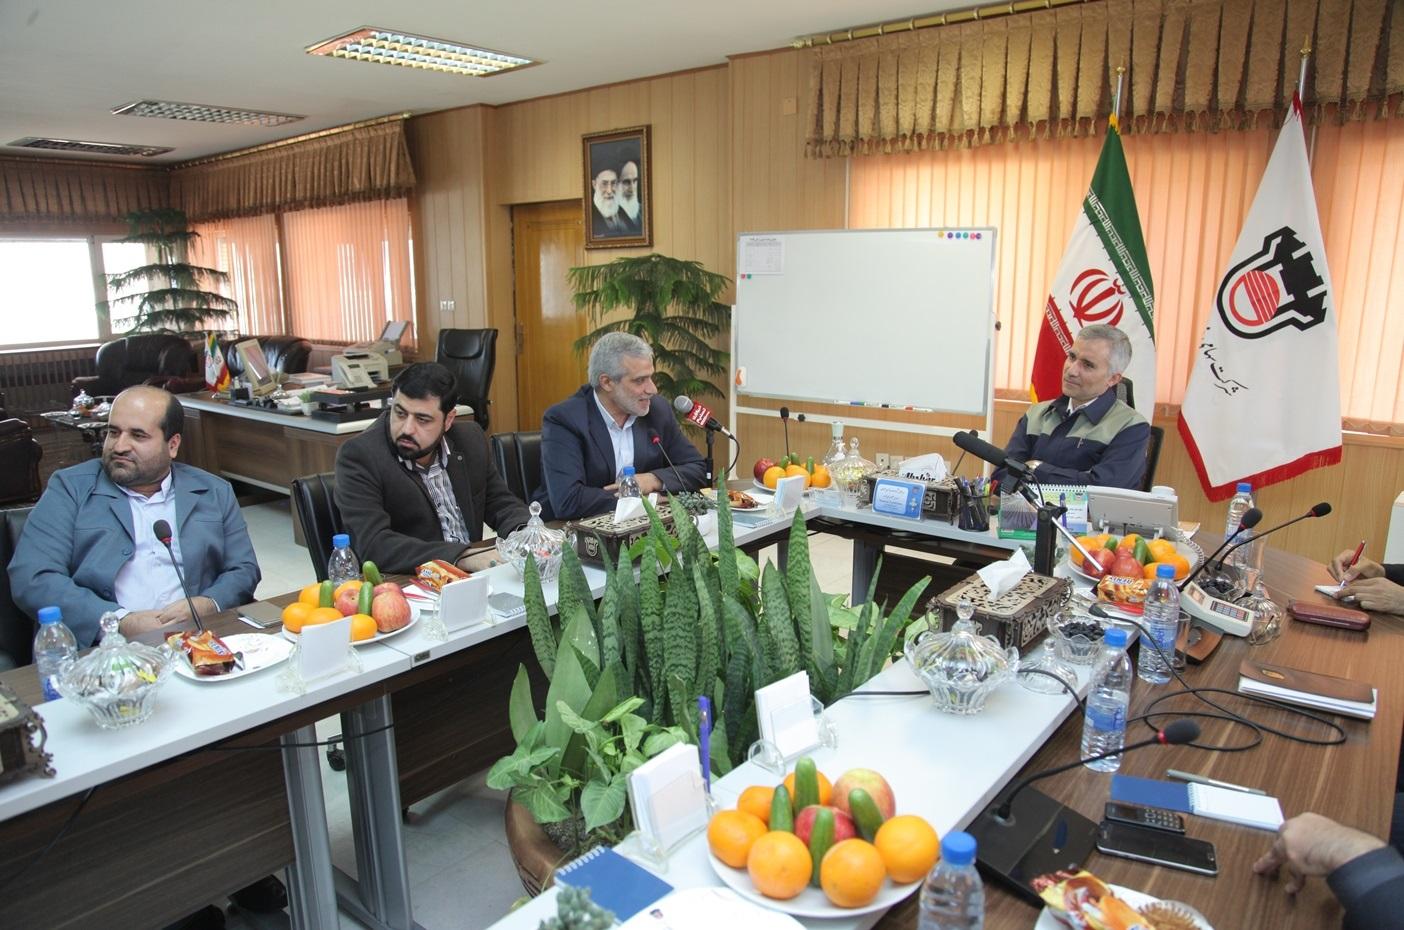 ذوب آهن اصفهان پایه گذار فعالیتهای مدرن معدنی کشور/ علی رغم هزینه 11 میلیارد تومانی برای حفظ فضای سبز، ذوب آهن دارای بیش از 16 هزار هکتار فضای سبز است/ میزان مصرف آب ذوب آهن کمتر از استاندارد جهانی و حدود 6 لیتر به ازاء هر کیلوگرم می باشد